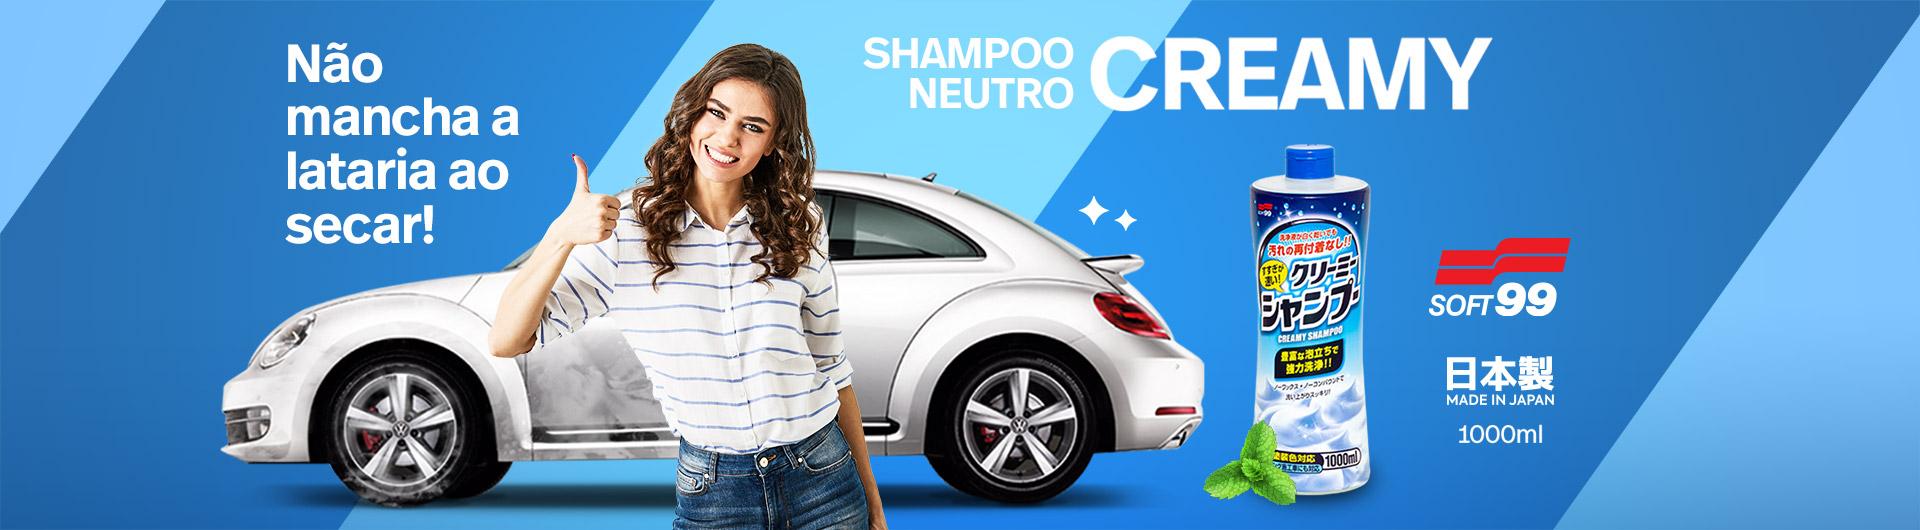 Shampoo Neutro Creamy para carros Soft99